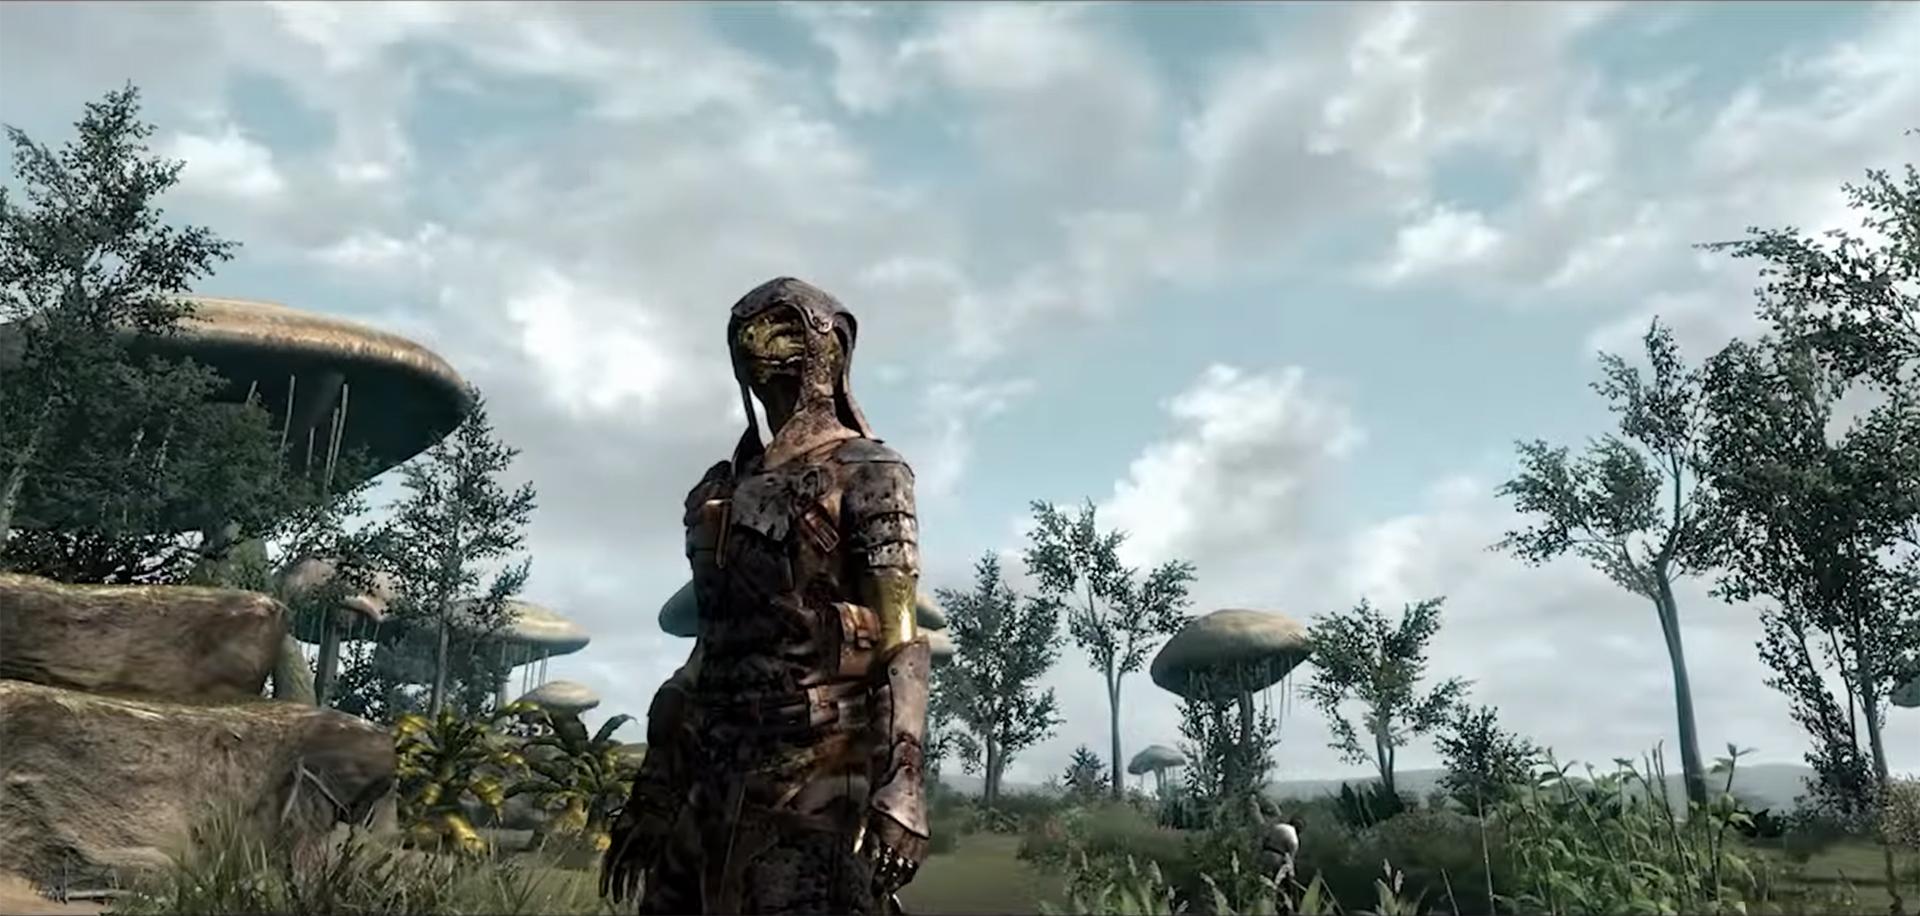 Why modders won't let Morrowind slide into oblivion | PC Gamer